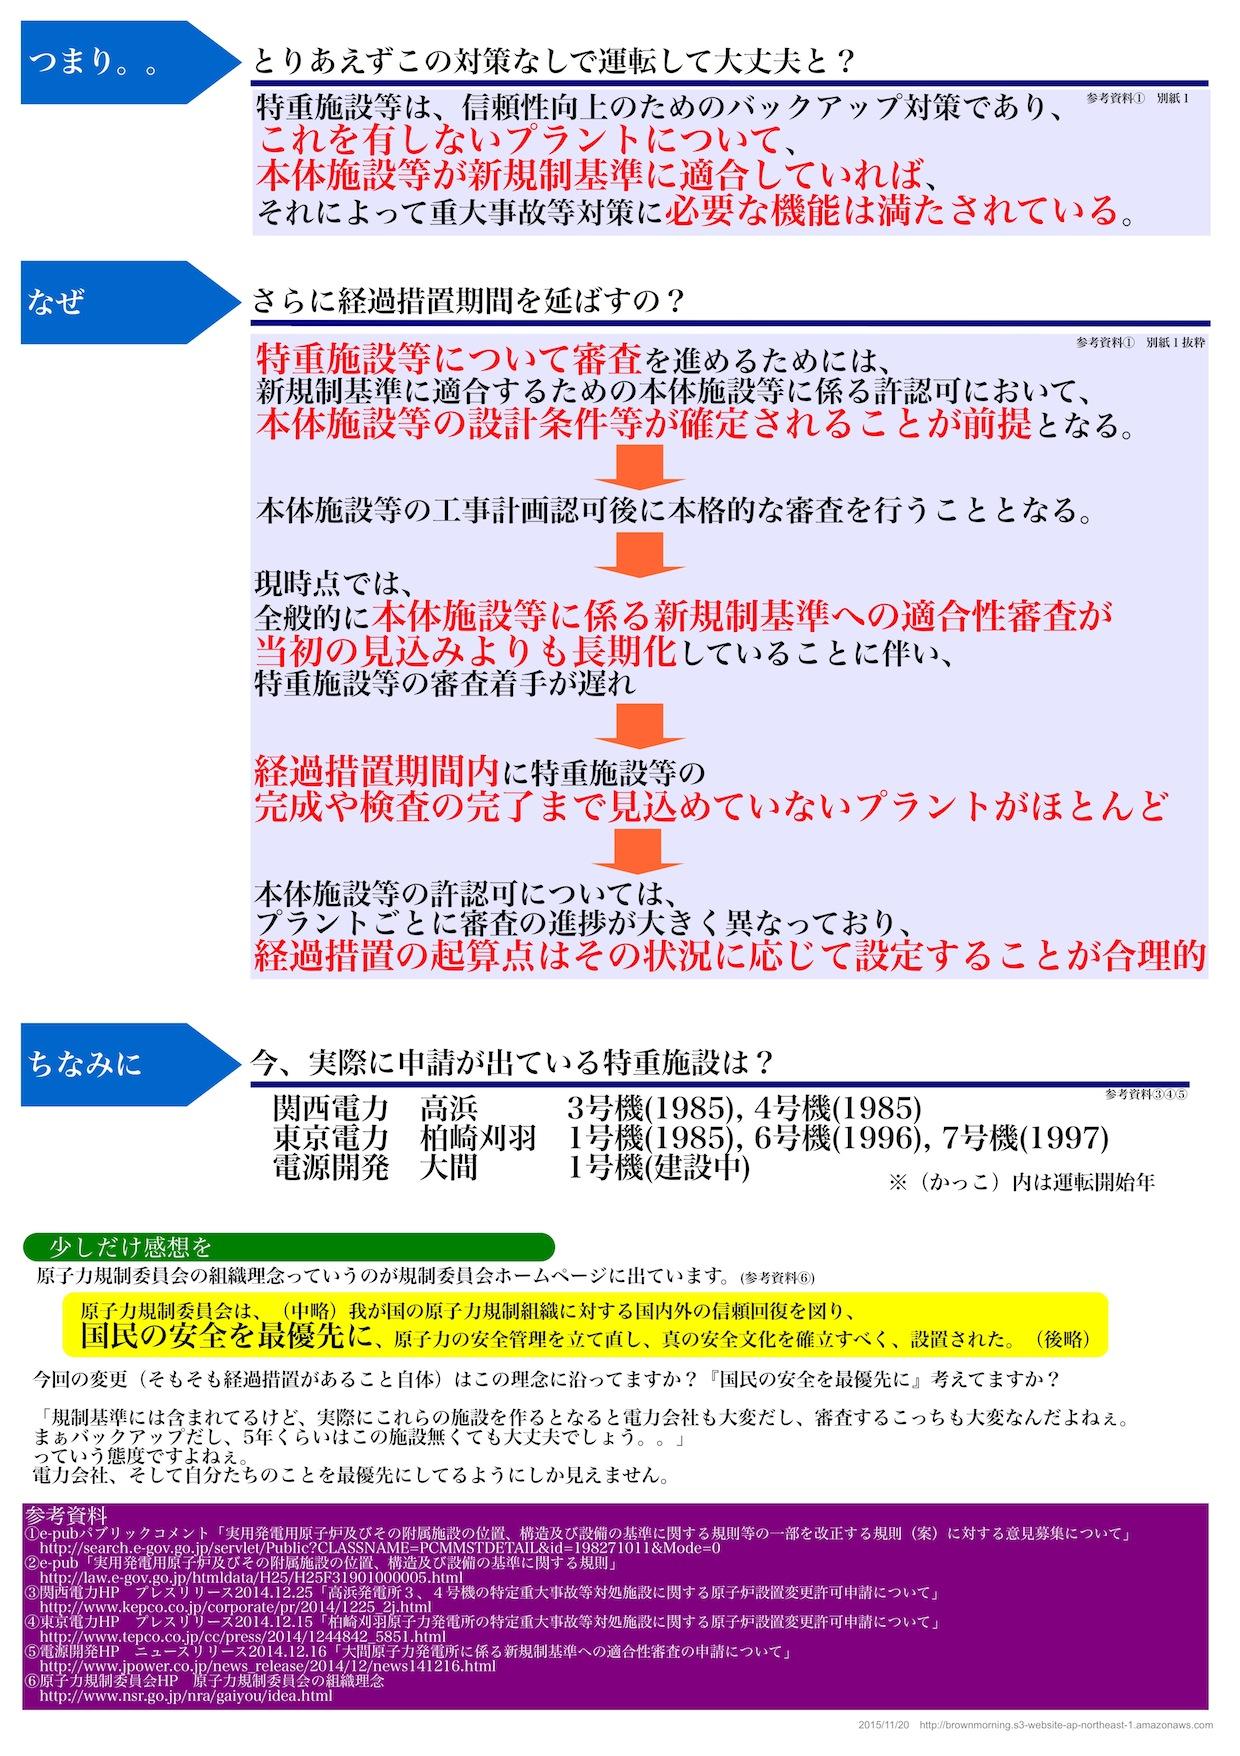 nonuke20151120_2.jpg